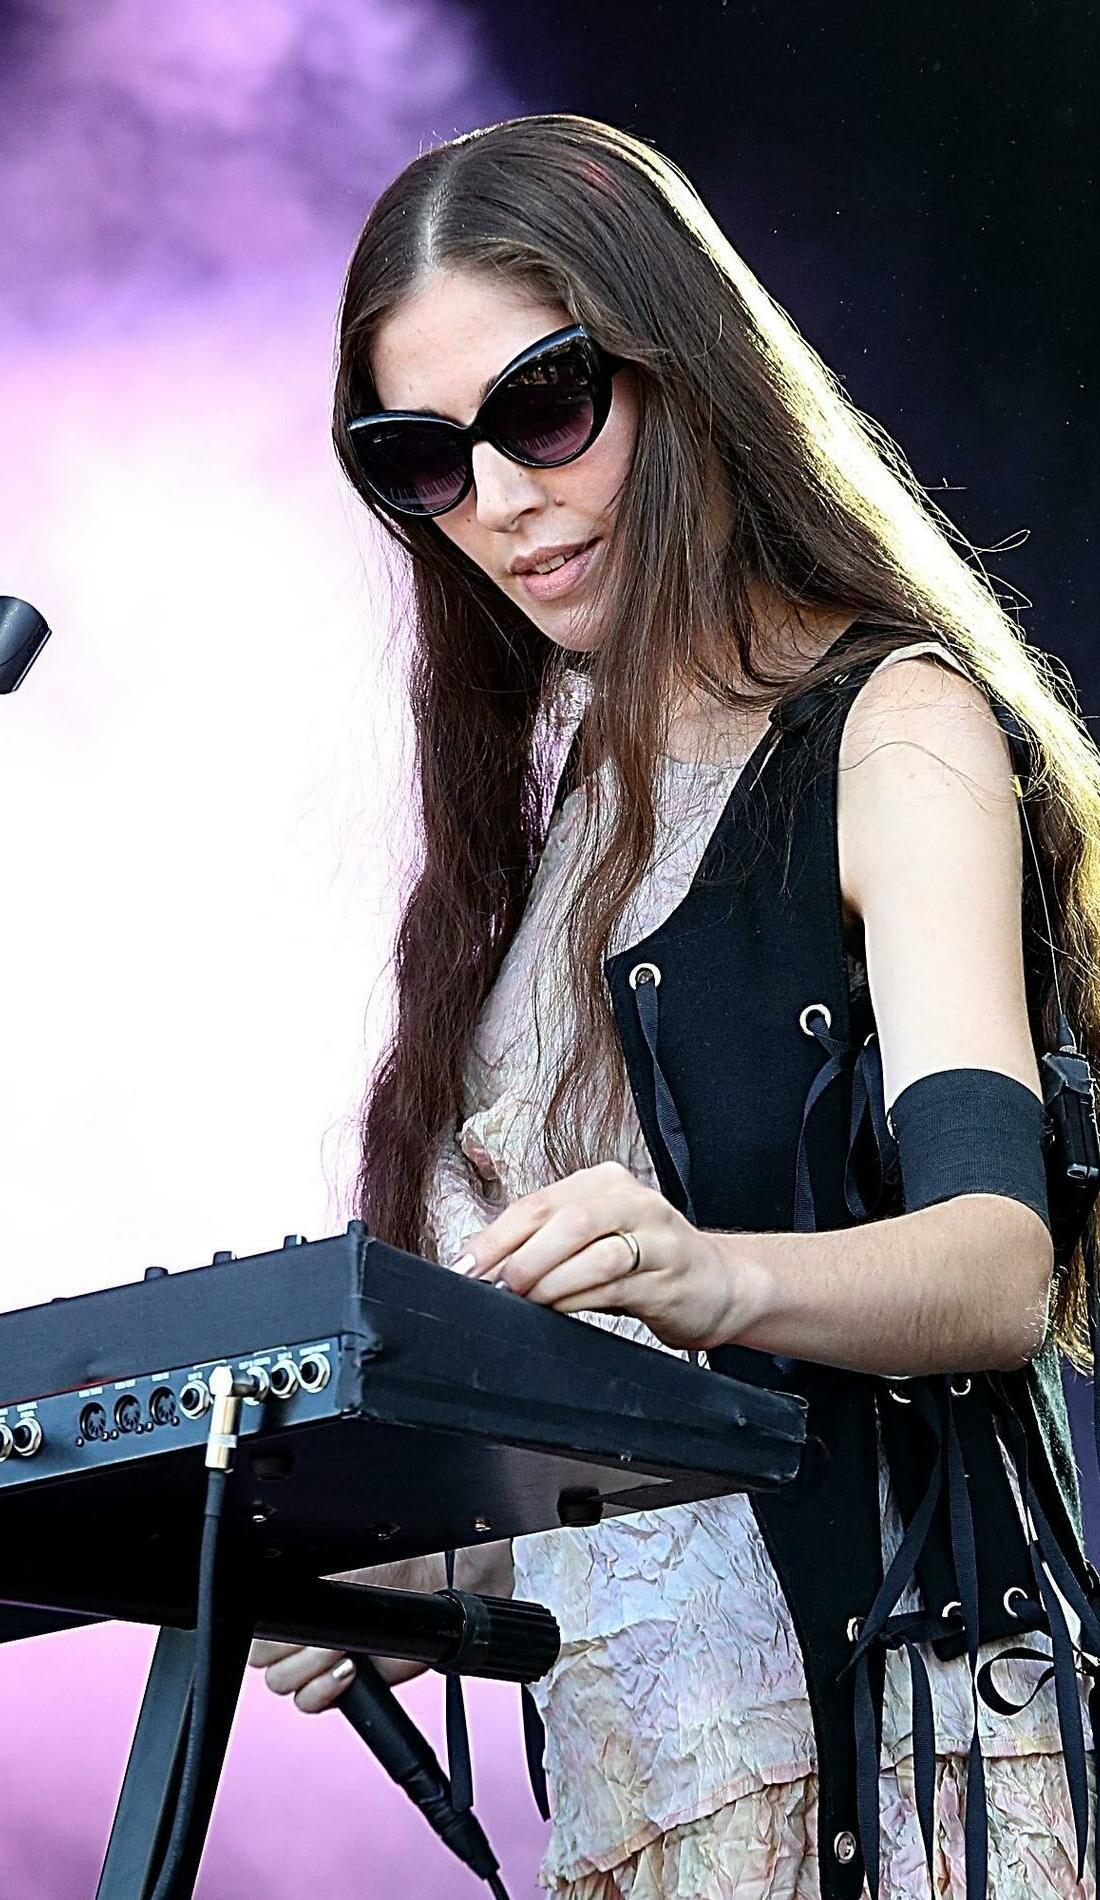 A Caroline Polachek live event